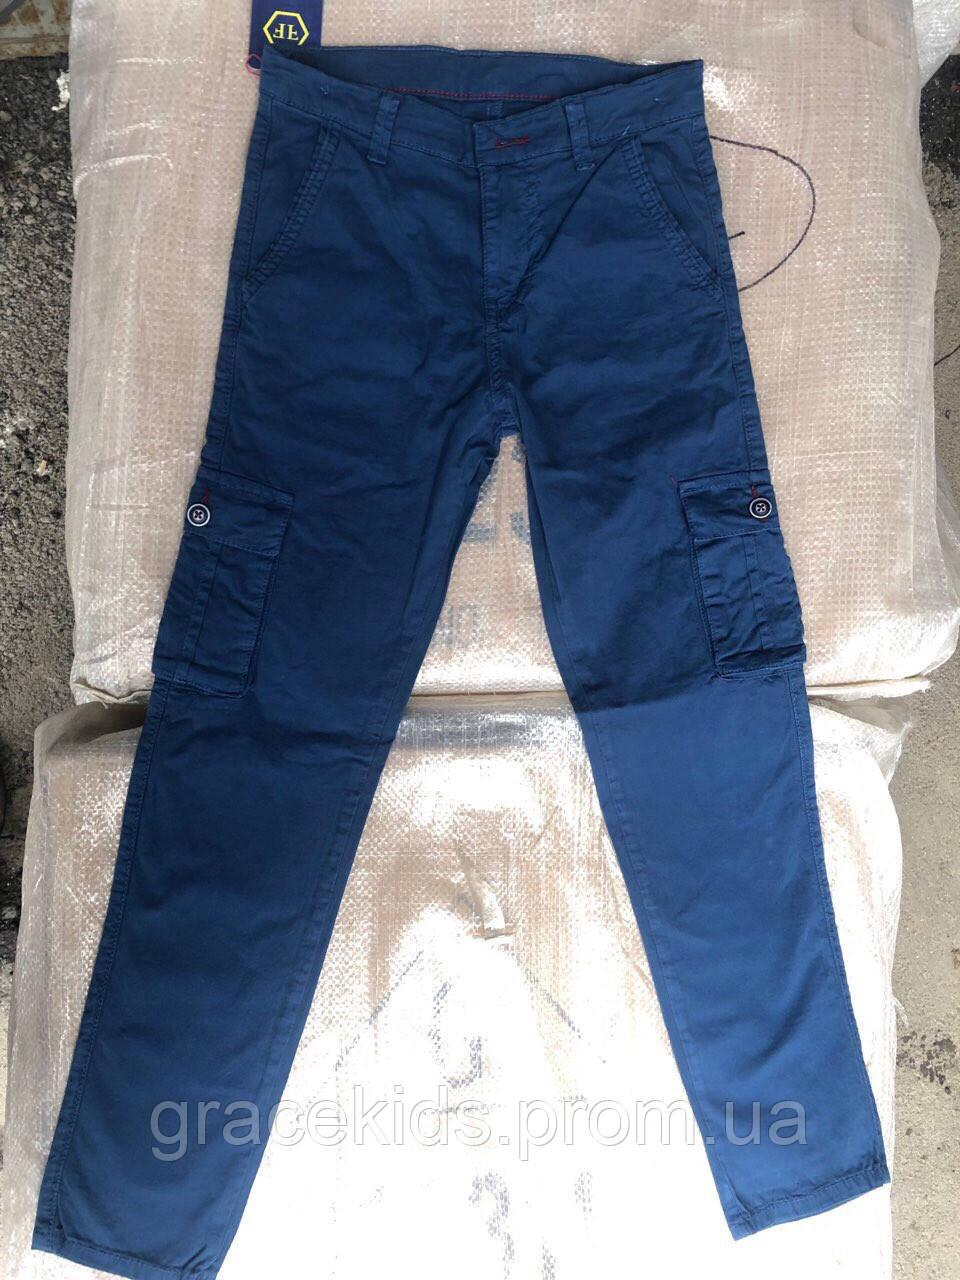 Брюки командосы для мальчиков подростковые с накладными карманами Cool Finish,разм 11-15лет